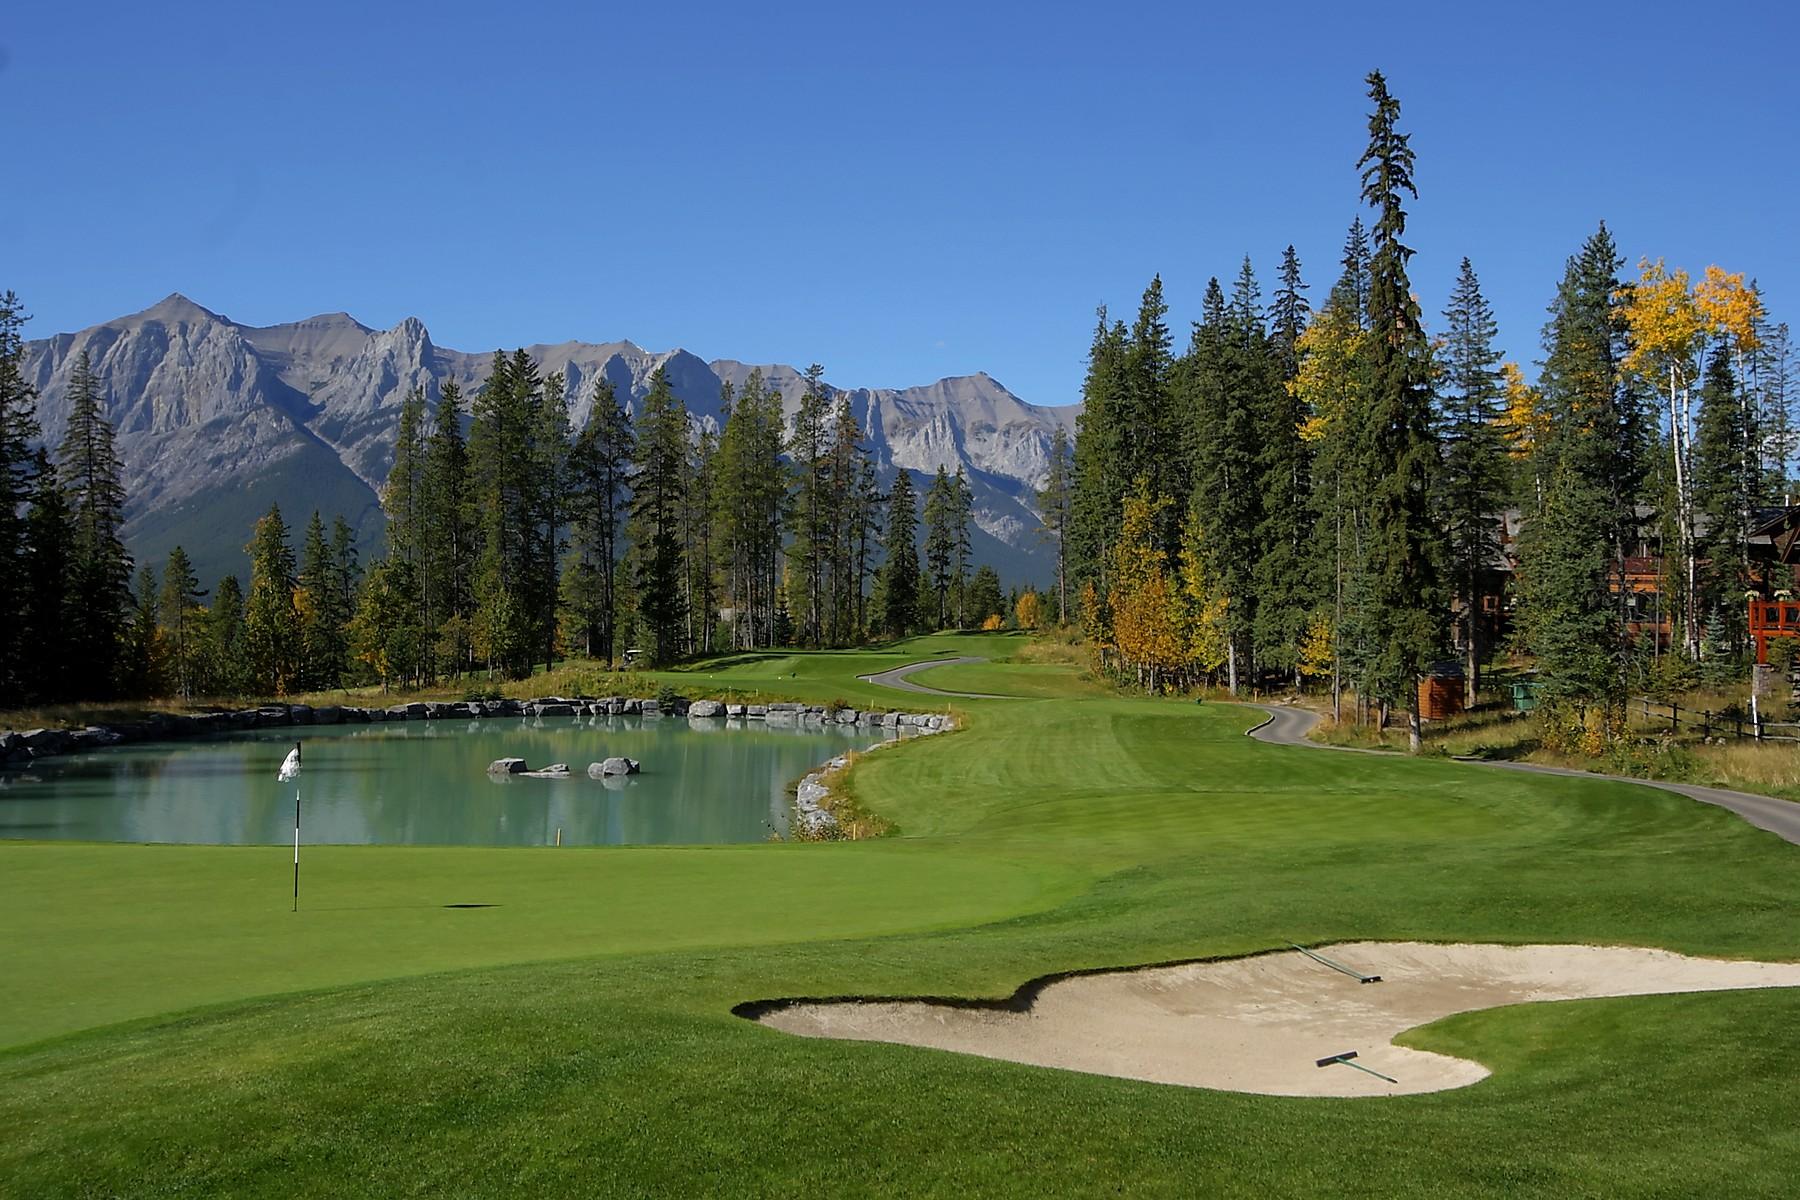 토지 용 매매 에 Silvertip Golf Course Lot 549 Silvertip Road, Canmore, 앨버타주, T1W 3H3 캐나다